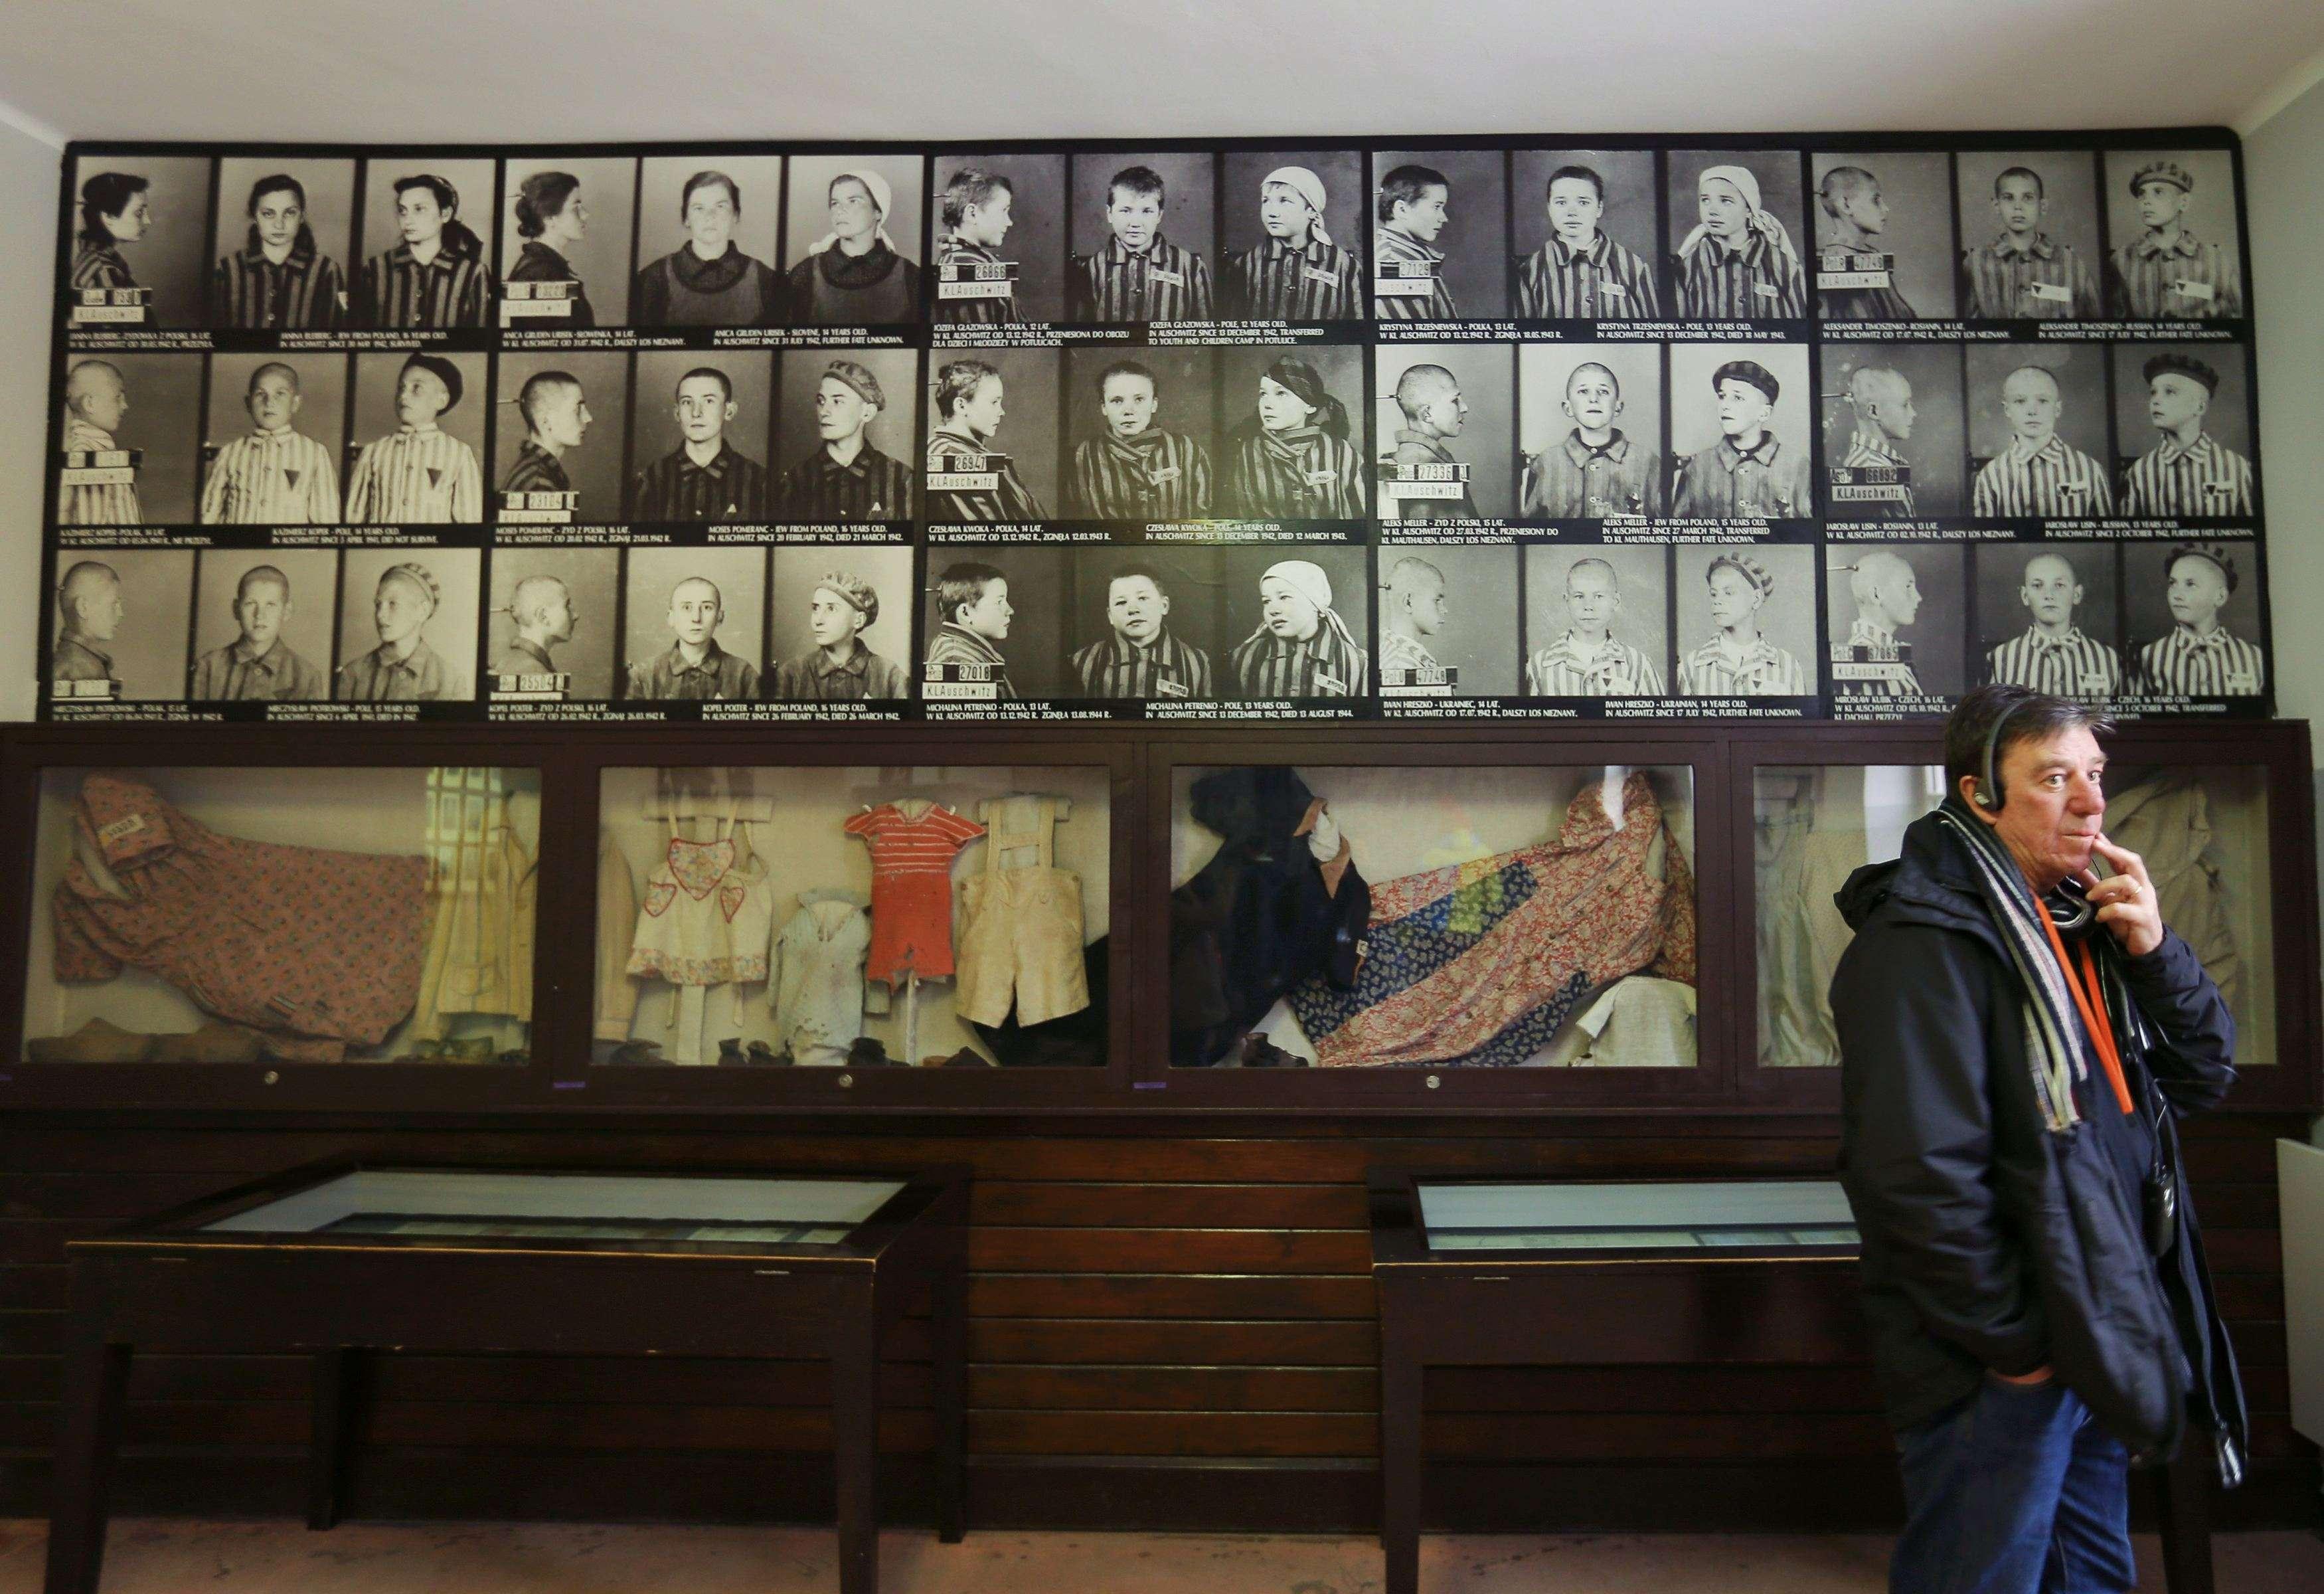 Museo del antiguo campo de concentración y exterminio nazi de Auschwitz, el 26 de enero de 2015. ceremonias con motivo del 70 aniversario de la liberación del campo tendrán lugar al día siguiente, con la participación de 300 exprisioneros. Foto: Reuters en español